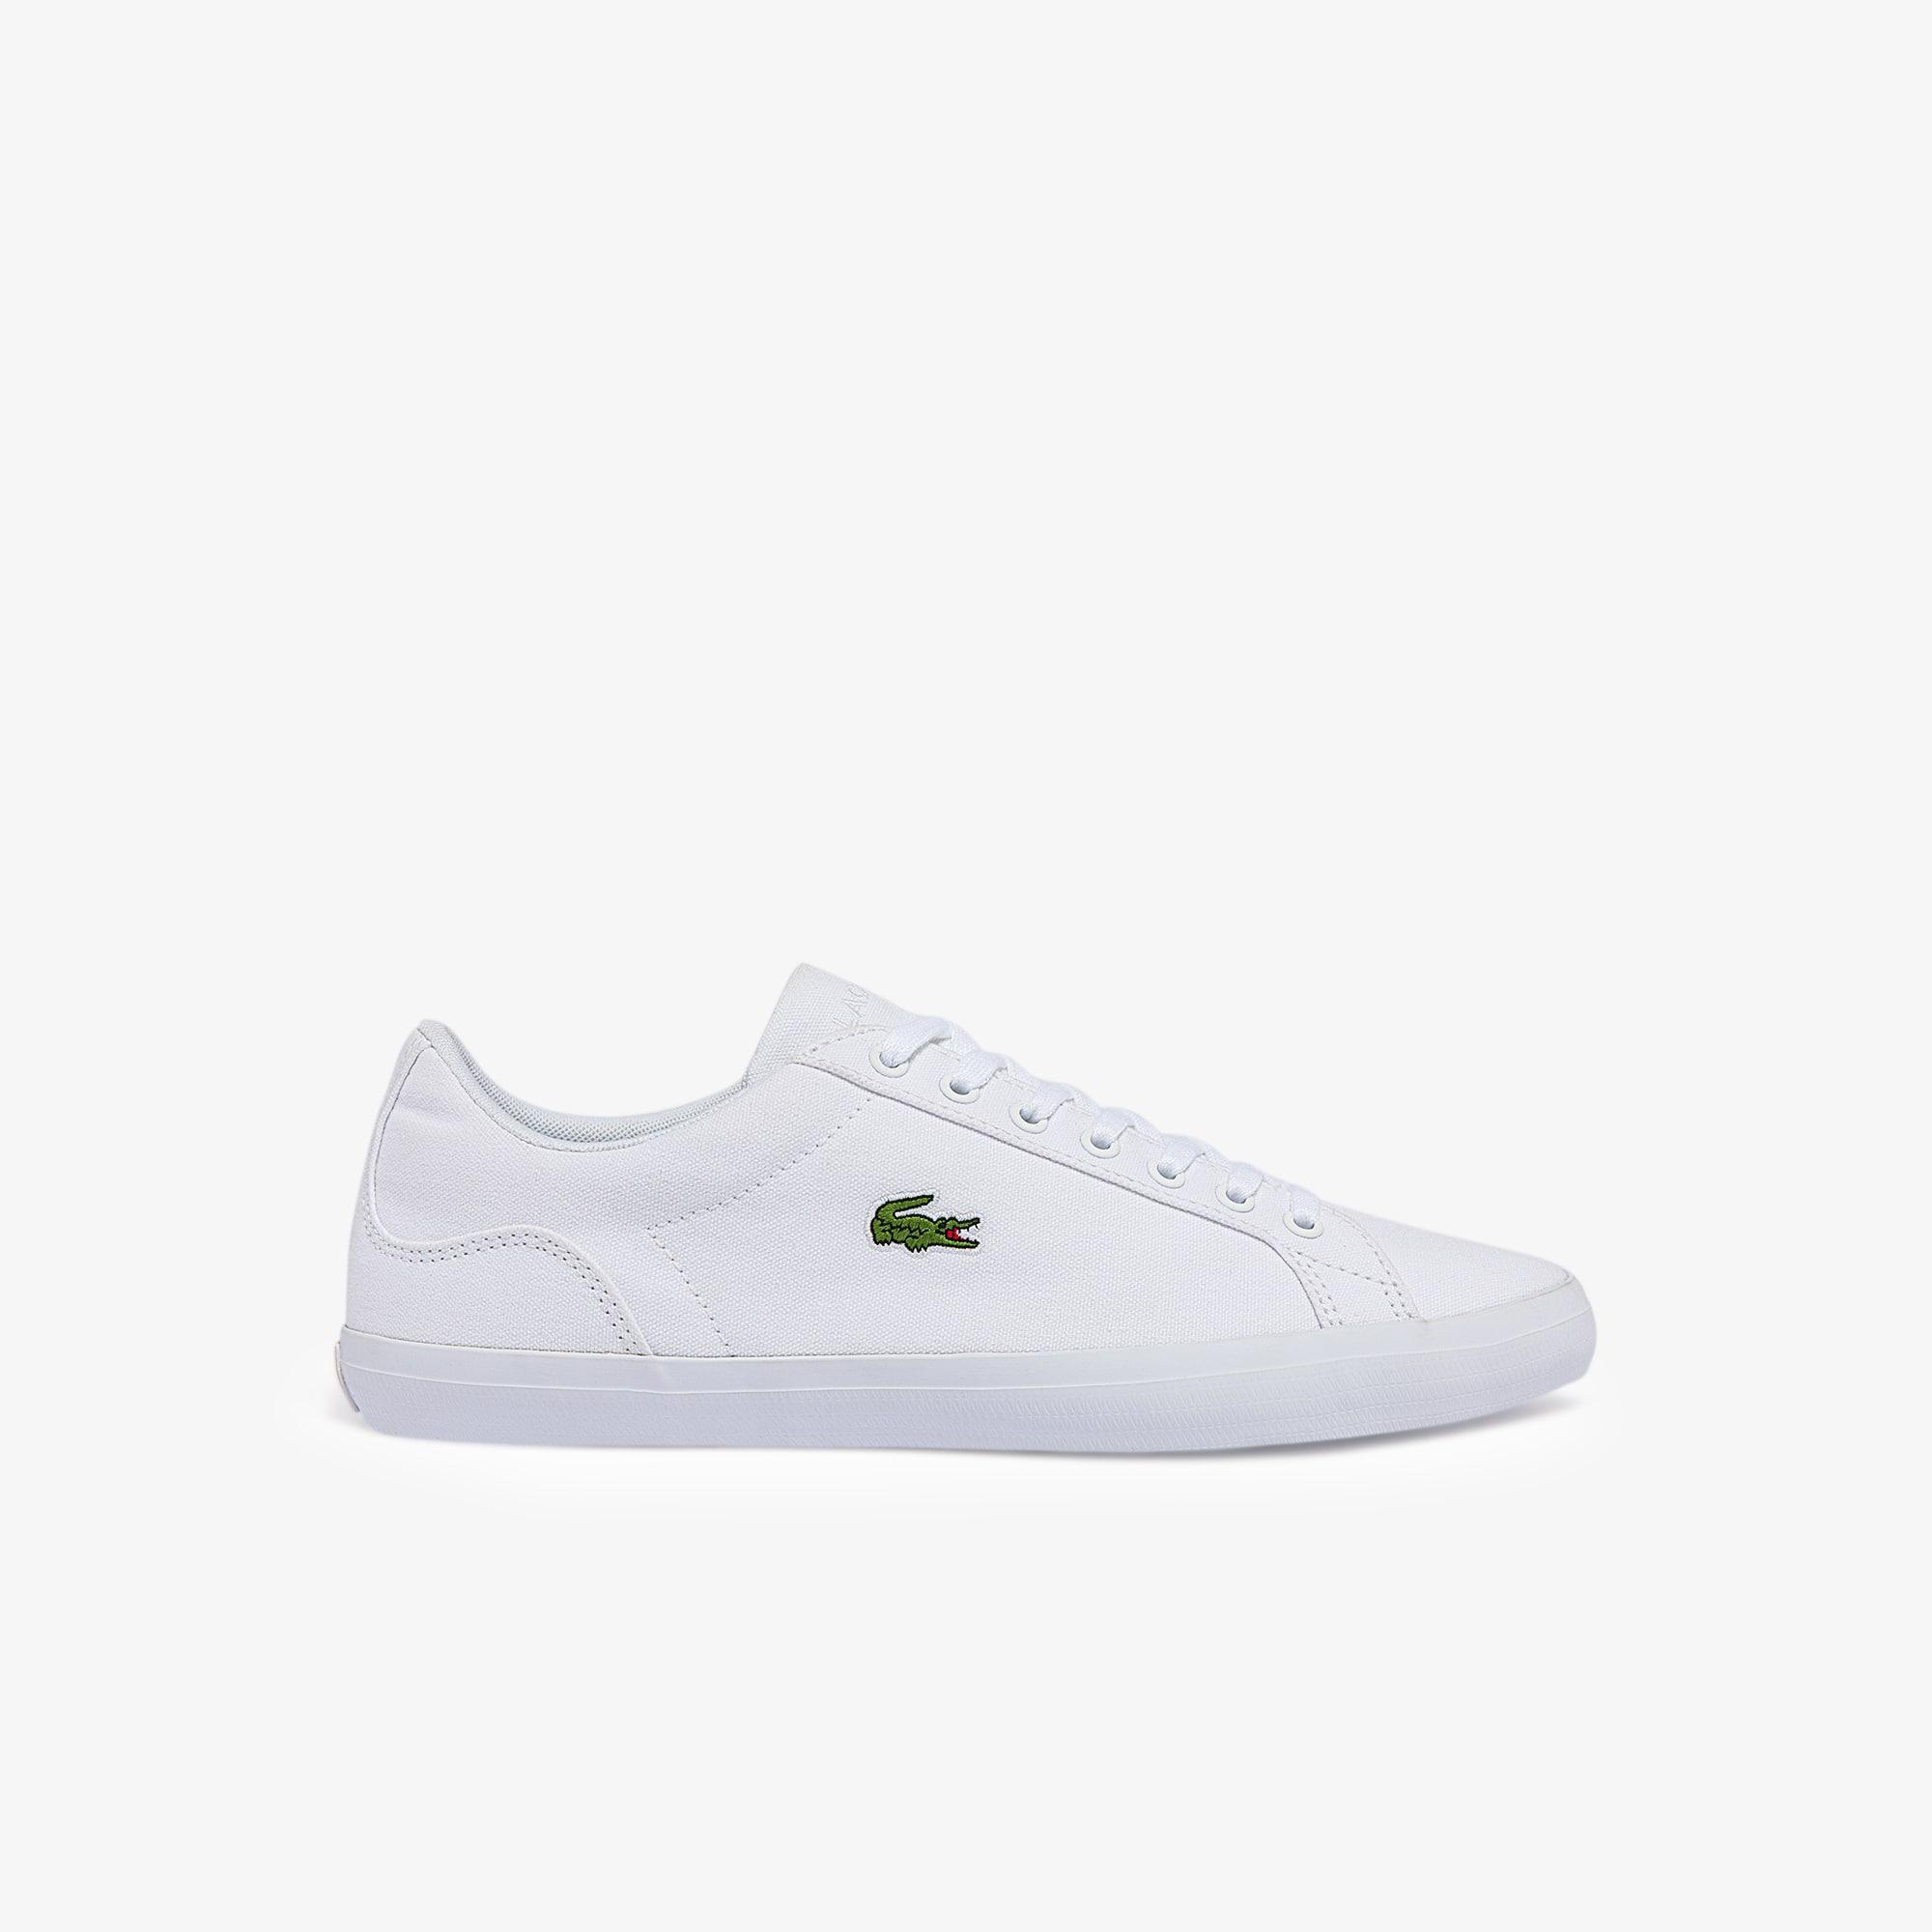 Herren-Sneakers LEROND aus Einfarbiger Canvas